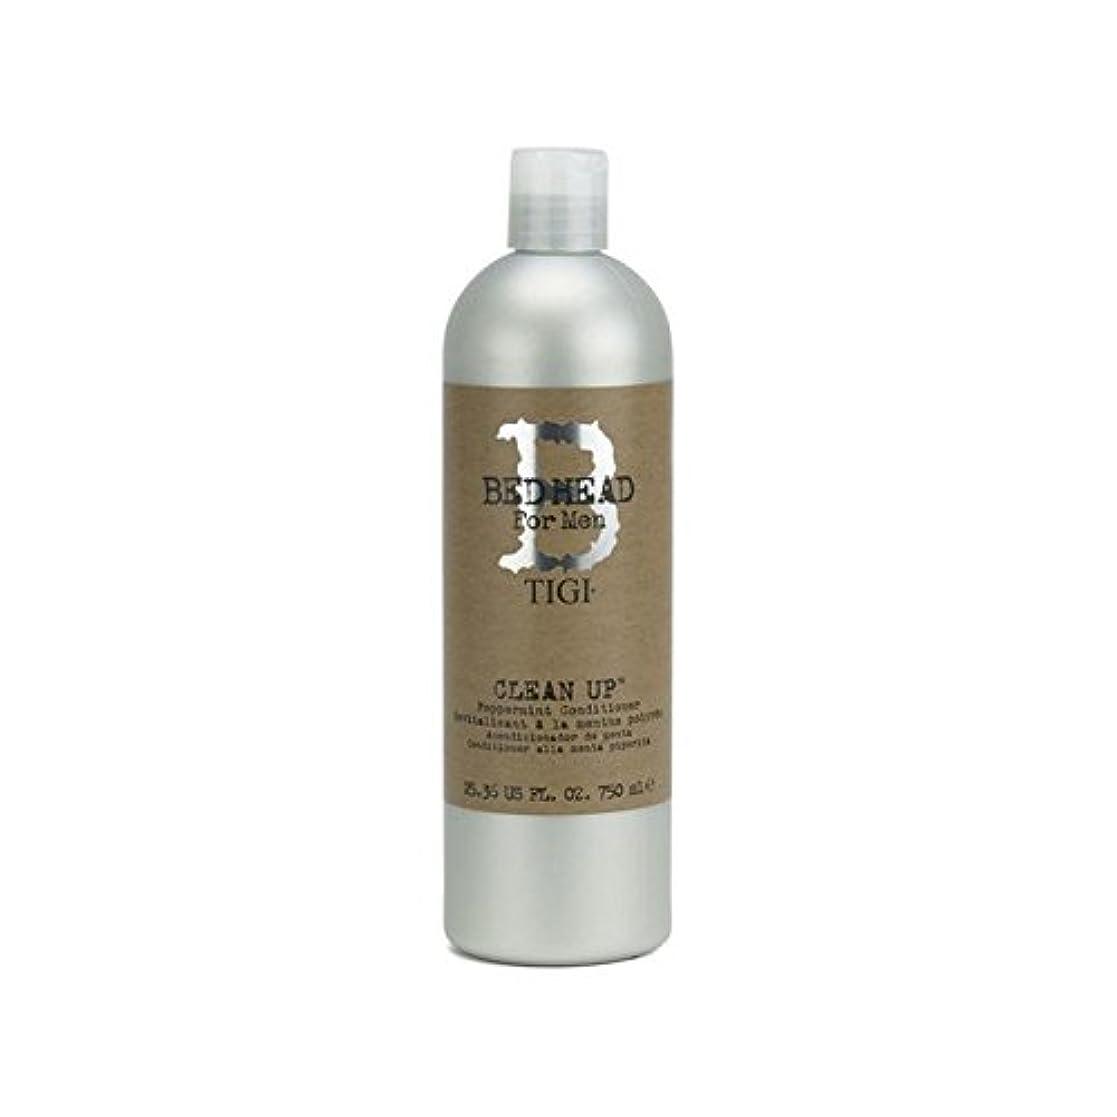 地上でホステルアクロバットTigi Bed Head For Men Clean Up Peppermint Conditioner (750ml) - ペパーミントコンディショナーをクリーンアップする男性のためのティジーベッドヘッド(750ミリリットル...